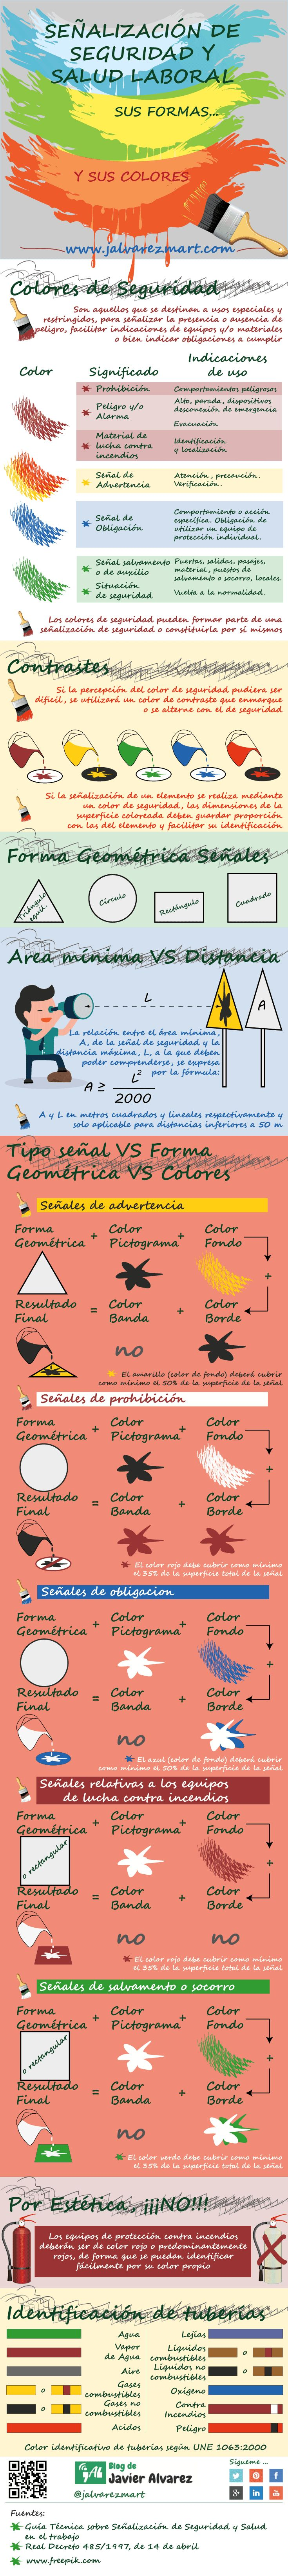 Señalización Seguridad y Saludo Laboral: Formas y Colores #infografia #infographic #prl